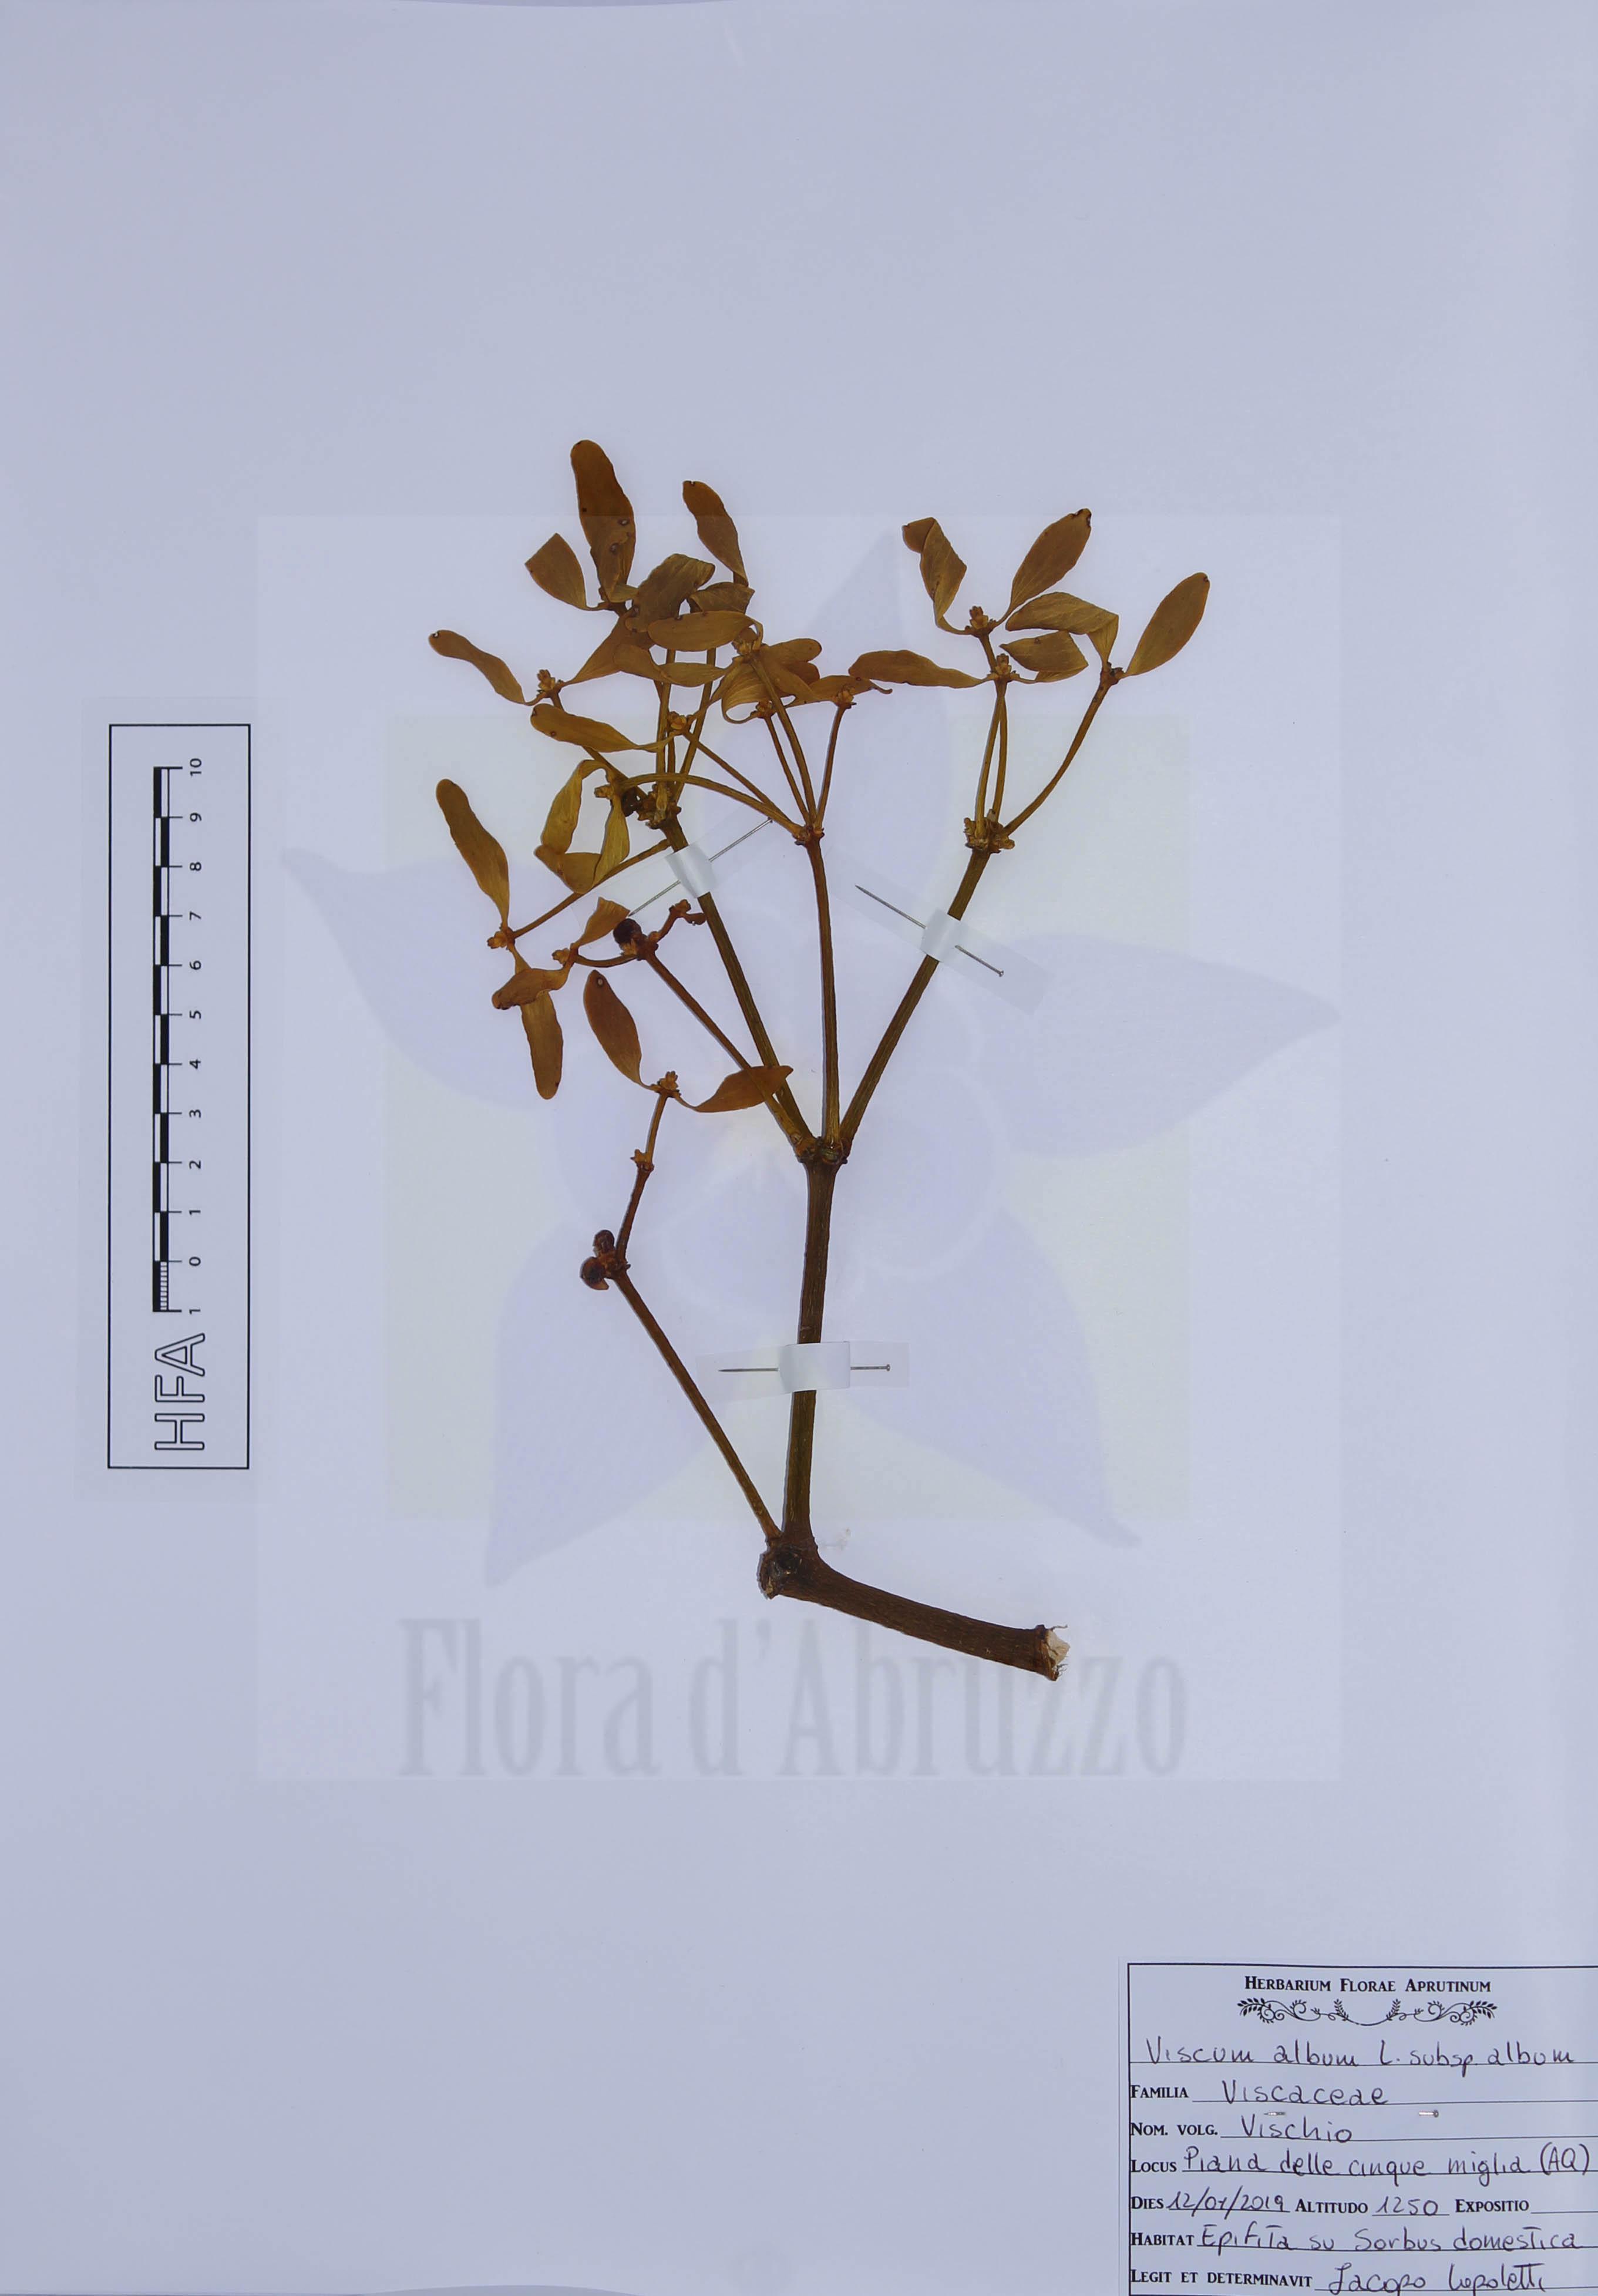 Viscum album L. subsp. album